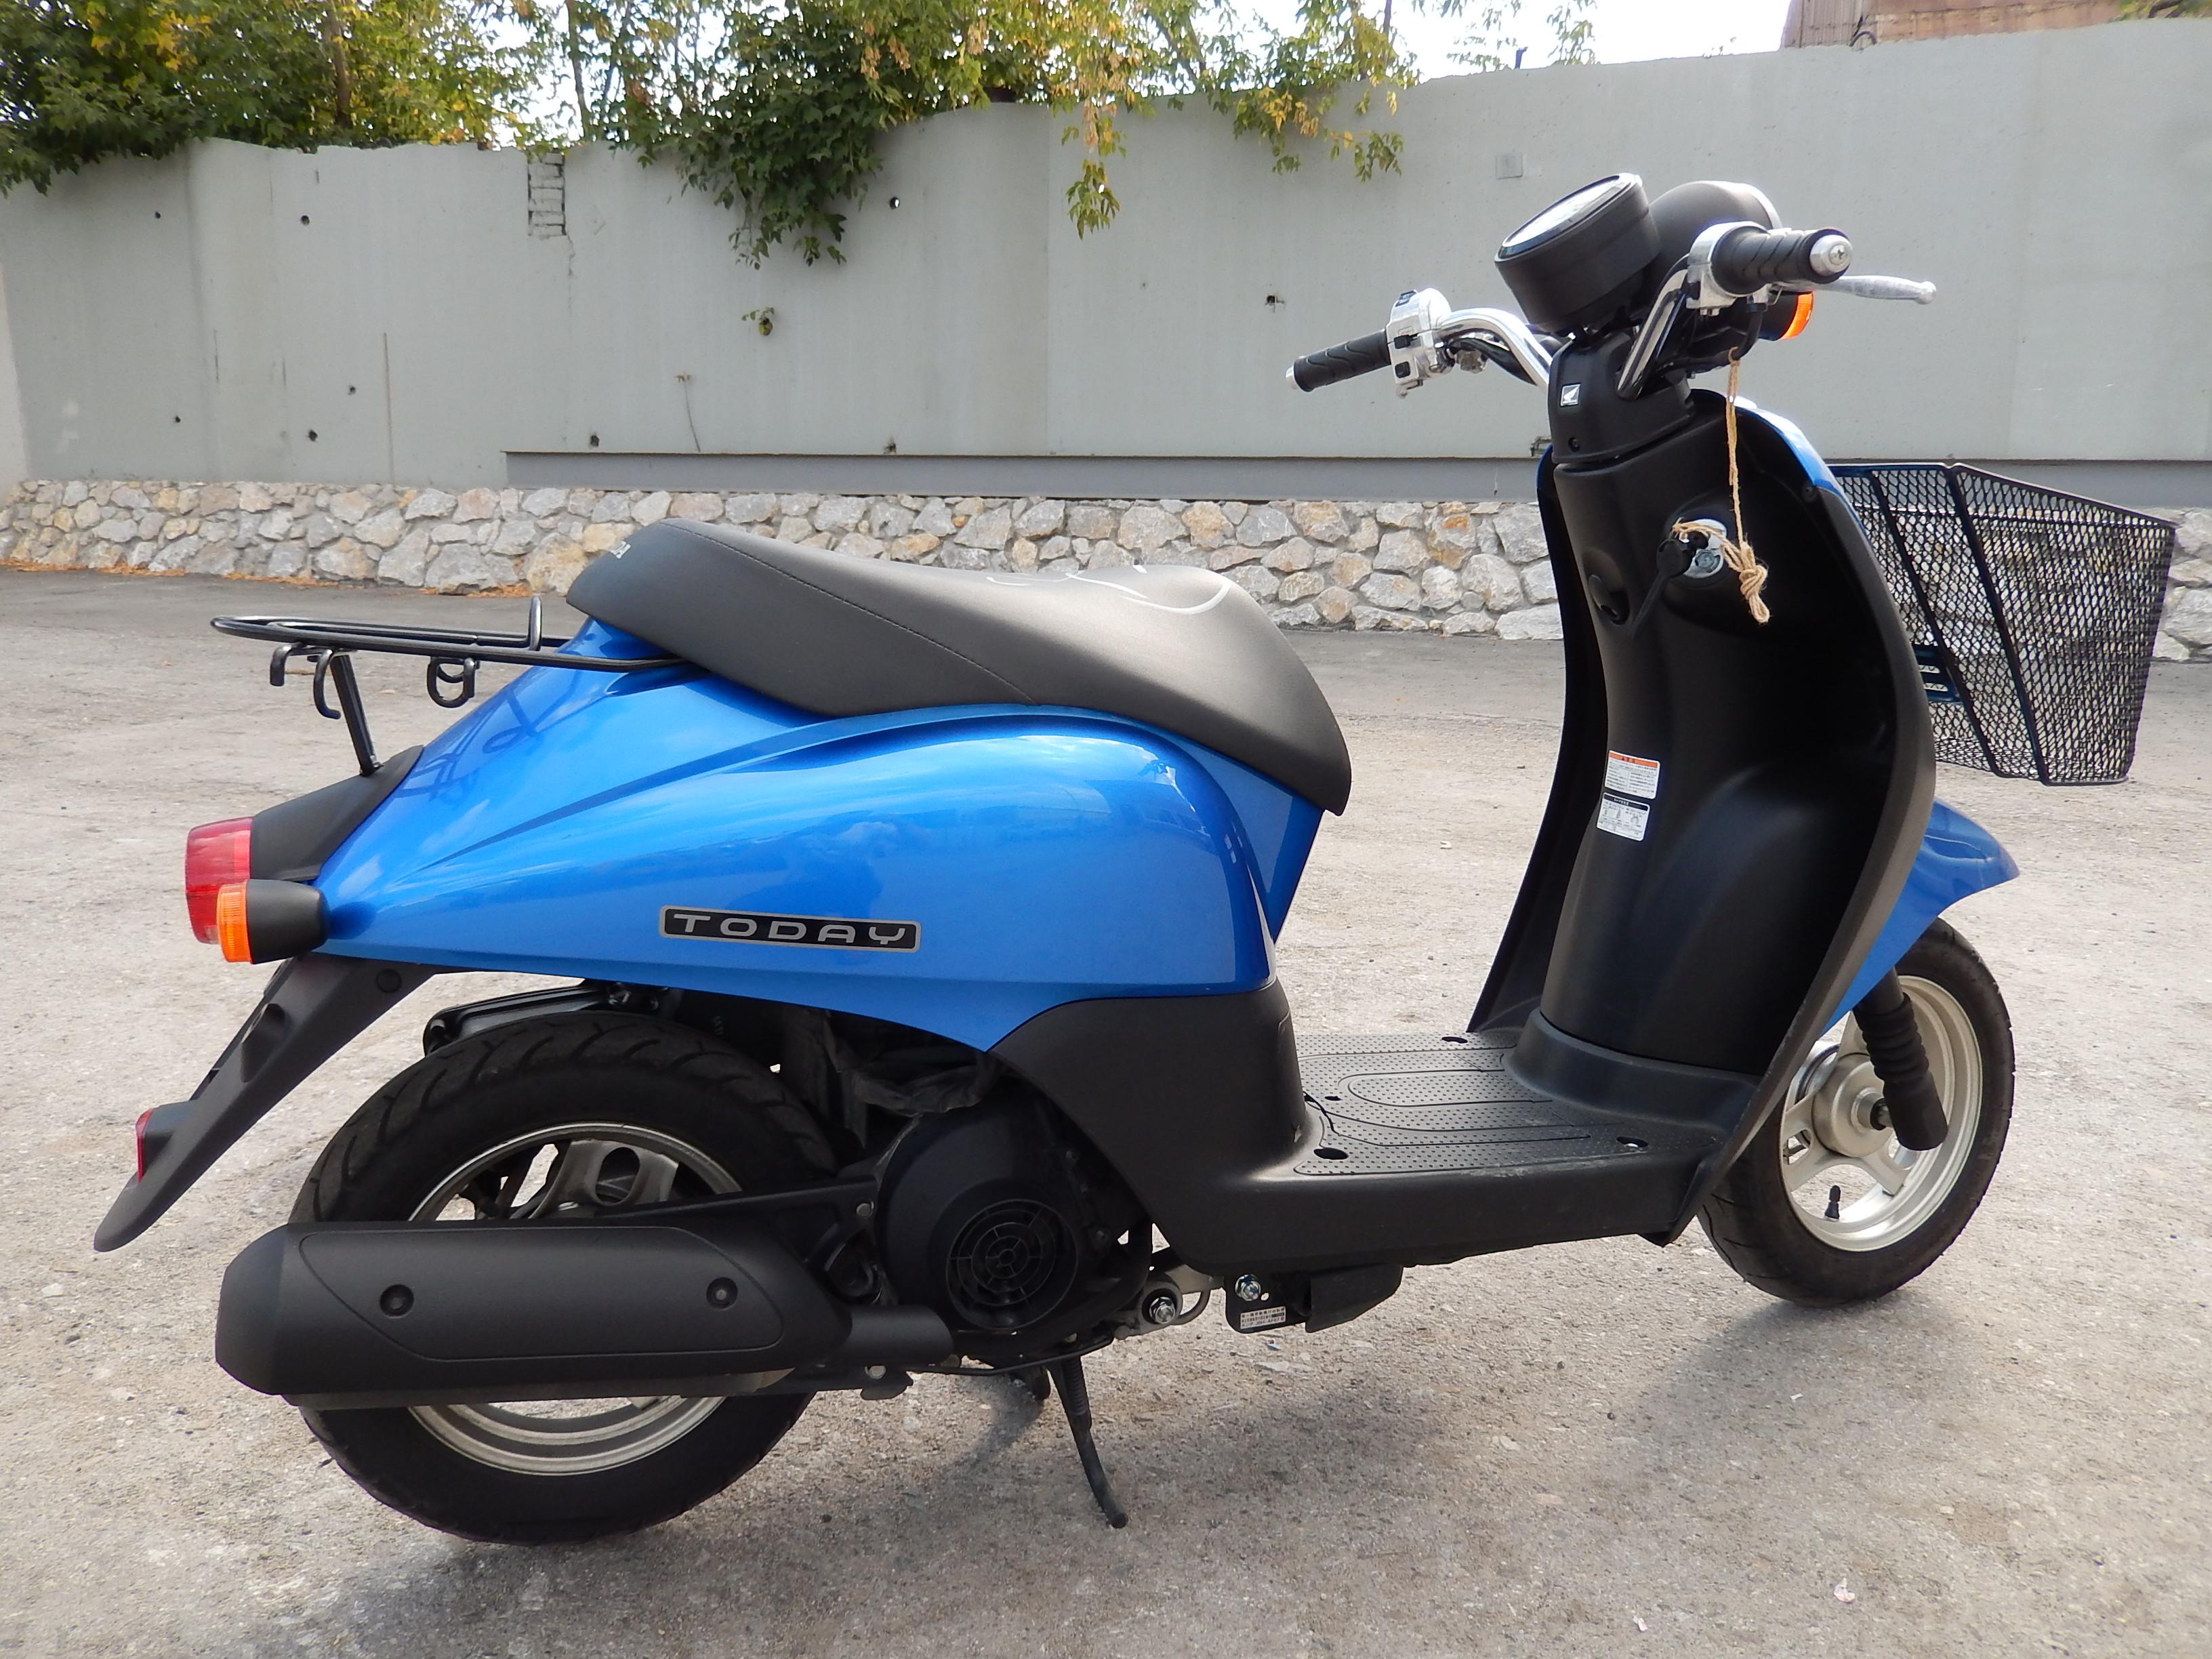 Мотоциклы, мопеды, скутера: купить б/у мототехнику ...